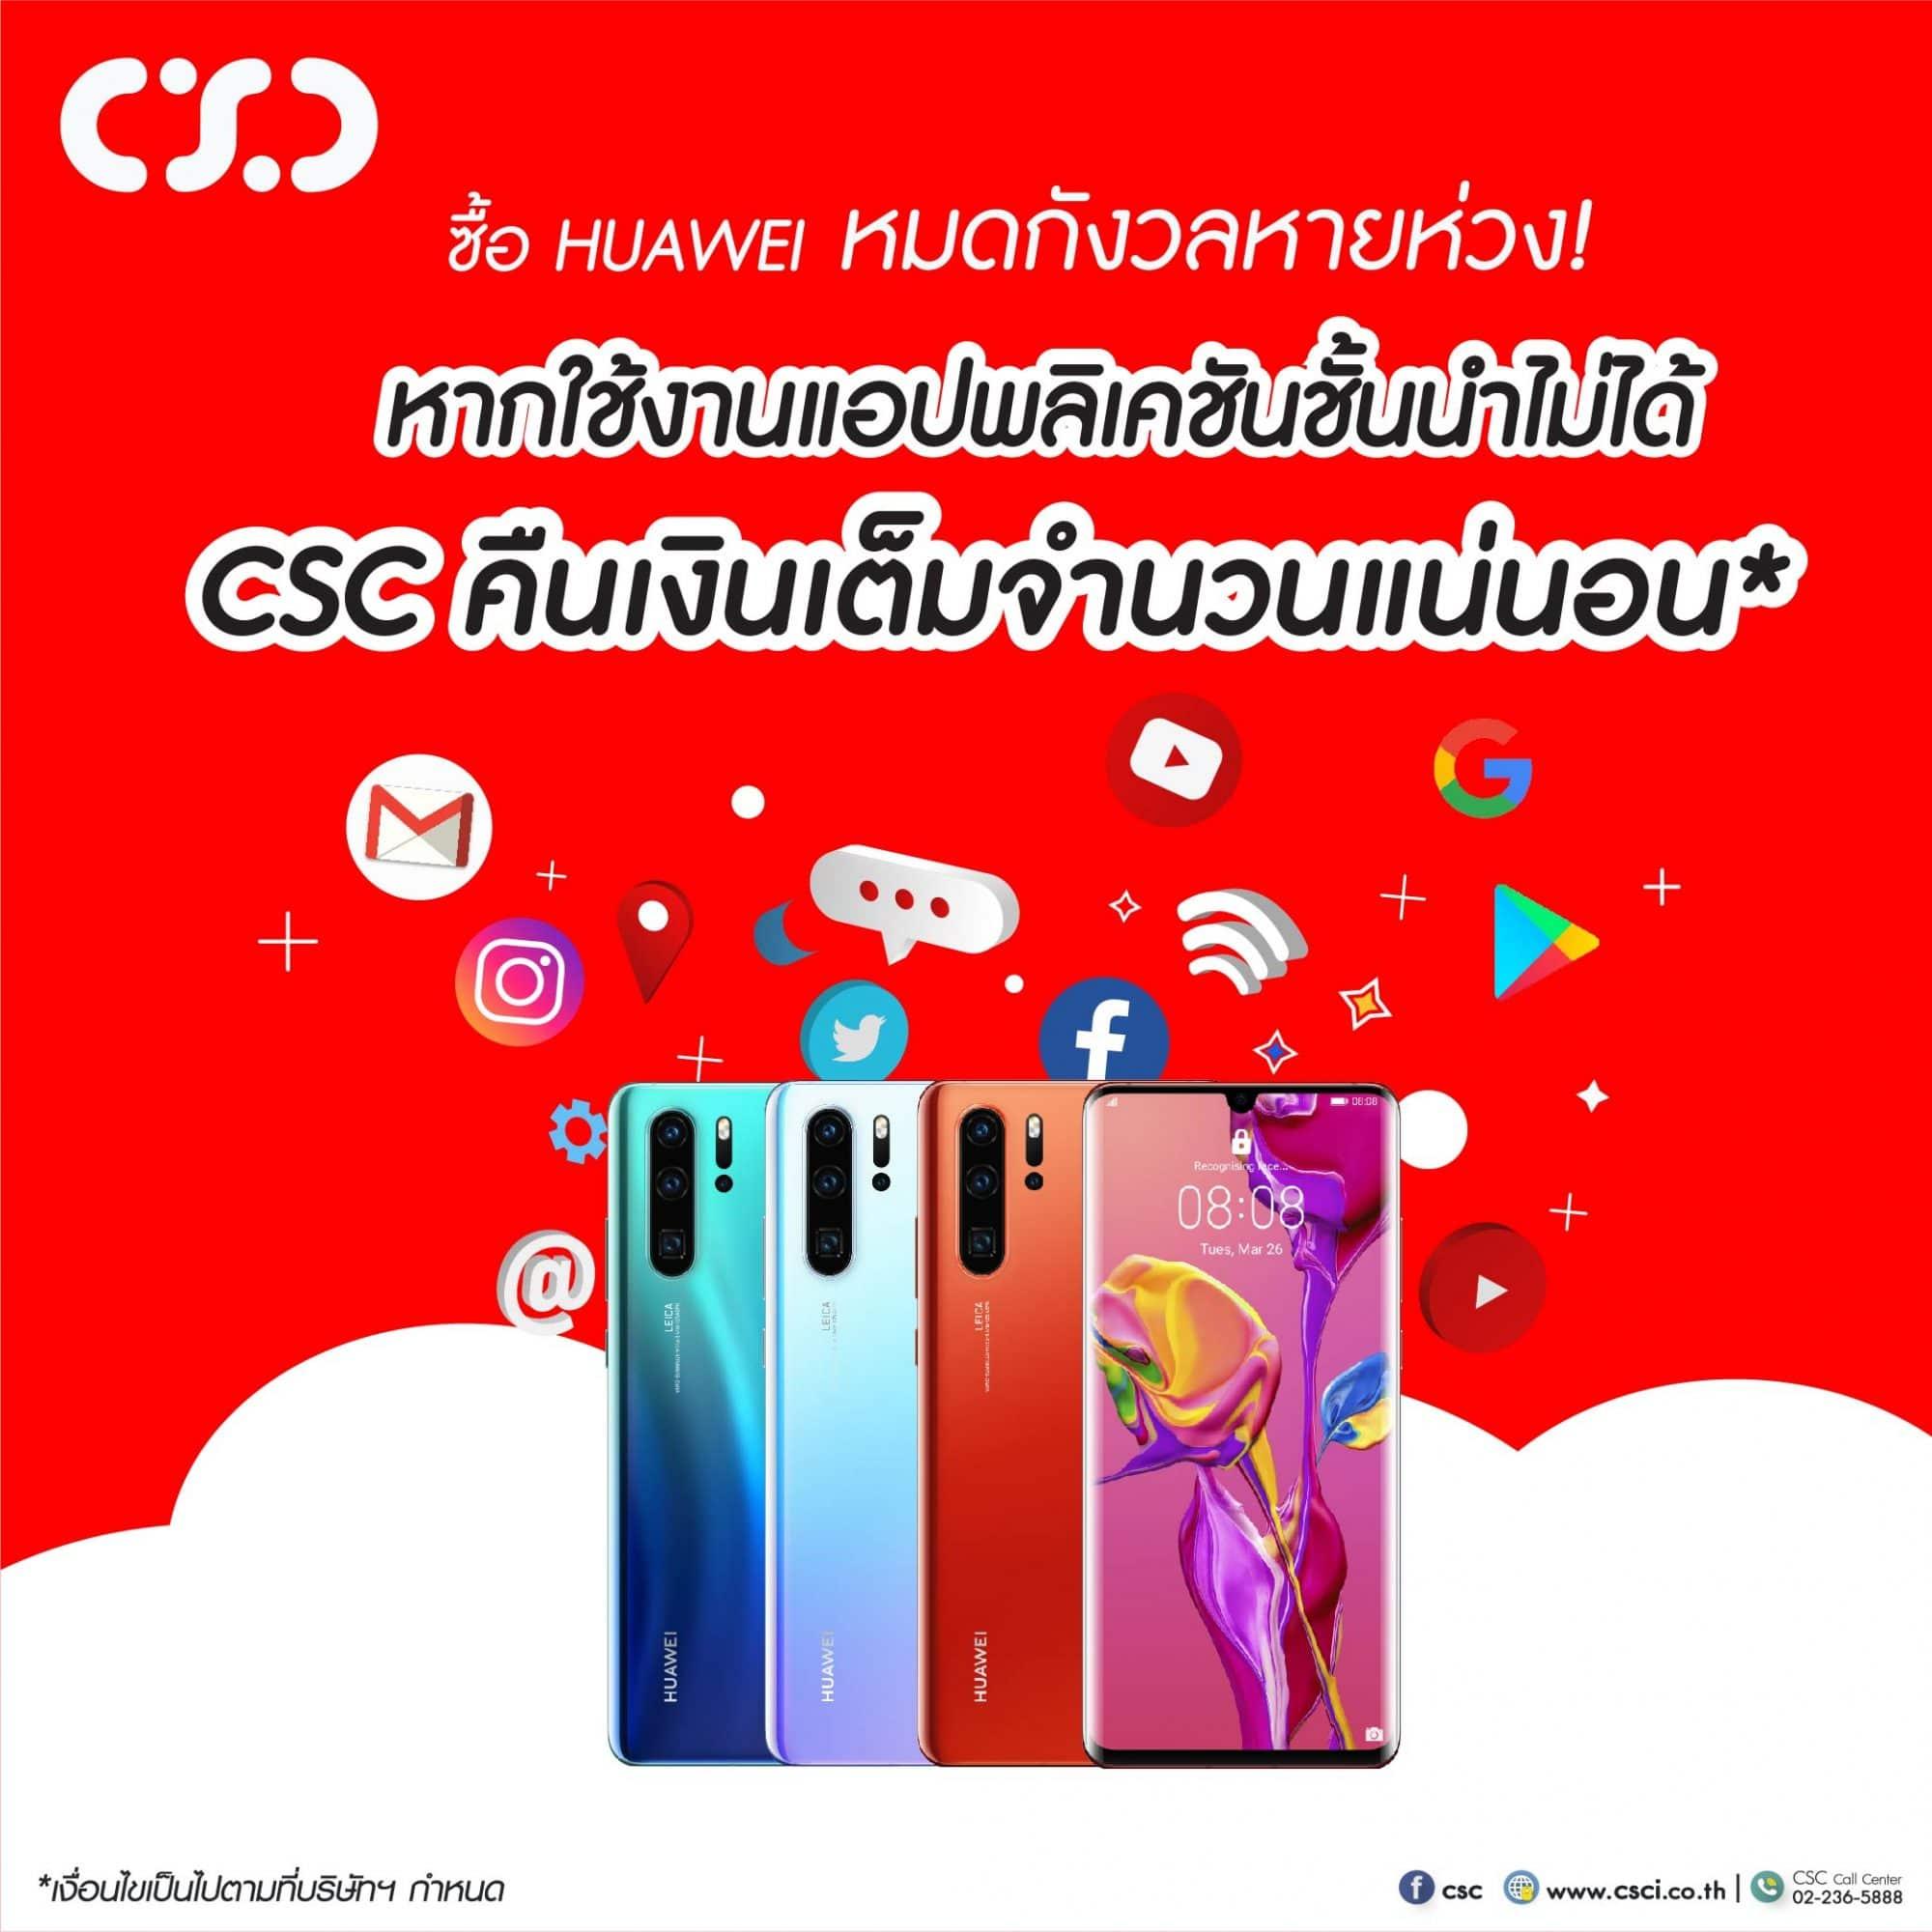 เมื่อซื้อมือถือ Huawei ที่ CSC หากใช้งานแอปพลิเคชั่นชั้นนำไม่ได้ CSC คืนเงินเต็มจำนวนแน่นอนนาน 2 ปี - เมื่อซื้อมือถือ Huawei ที่ CSC หากใช้งานแอปพลิเคชั่นชั้นนำไม่ได้ CSC คืนเงินเต็มจำนวนแน่นอนนาน 2 ปี